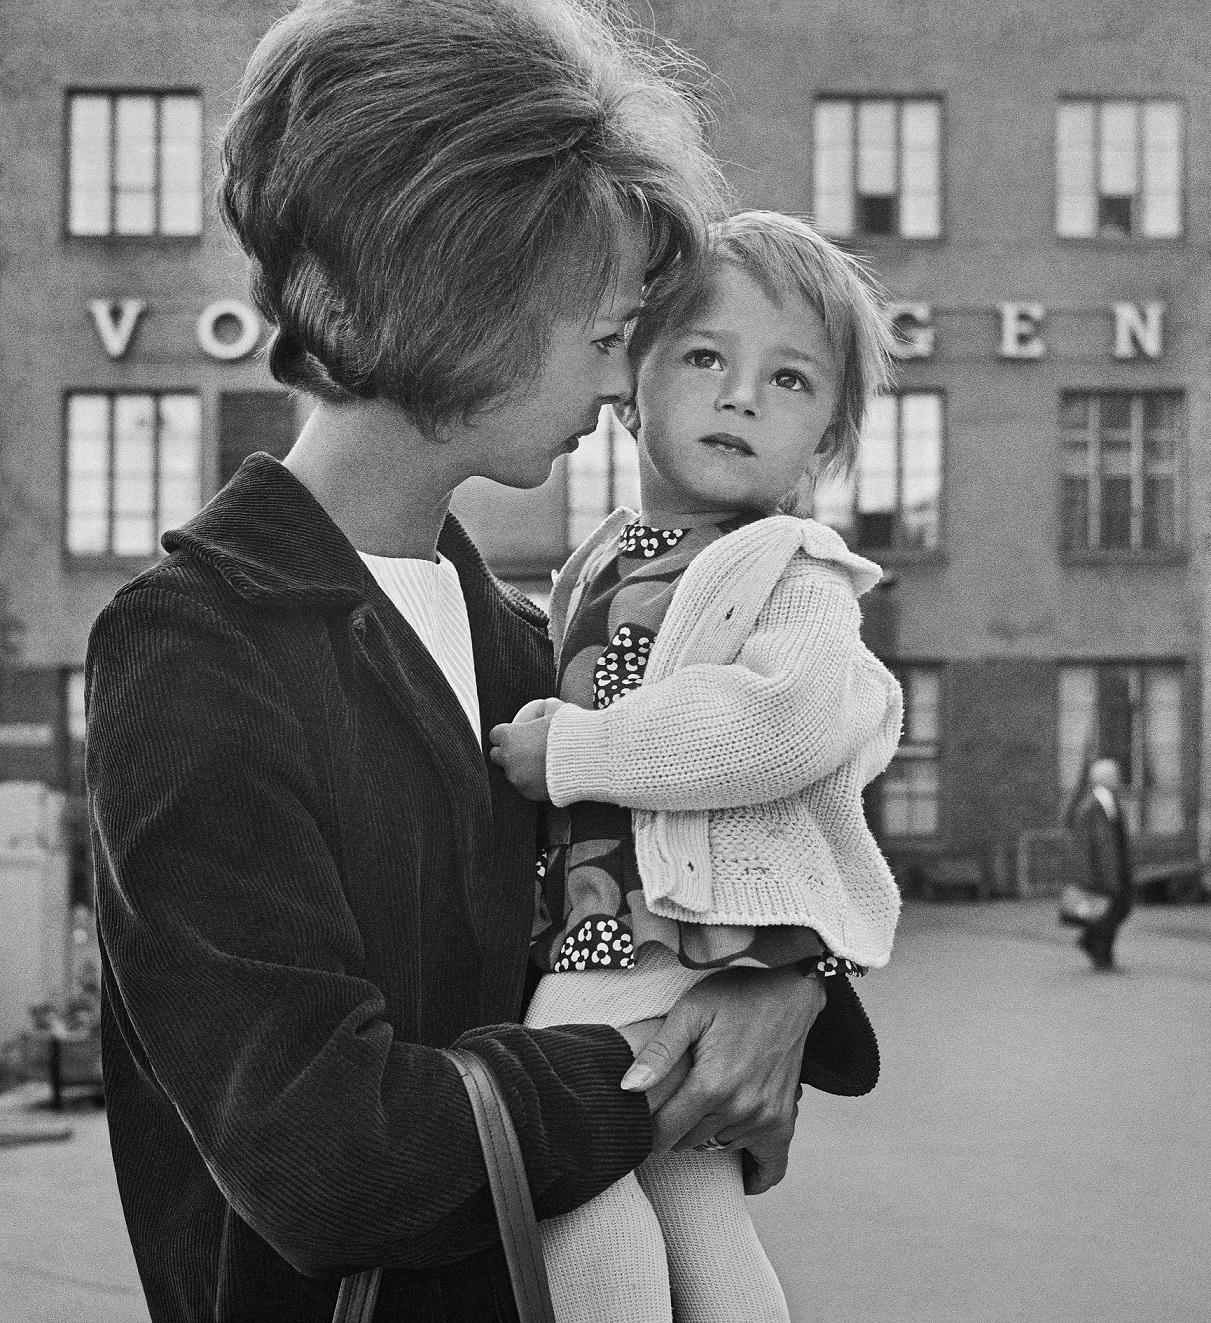 Aikuinen ja lapsi Helsingin rautatieasemalla 1967